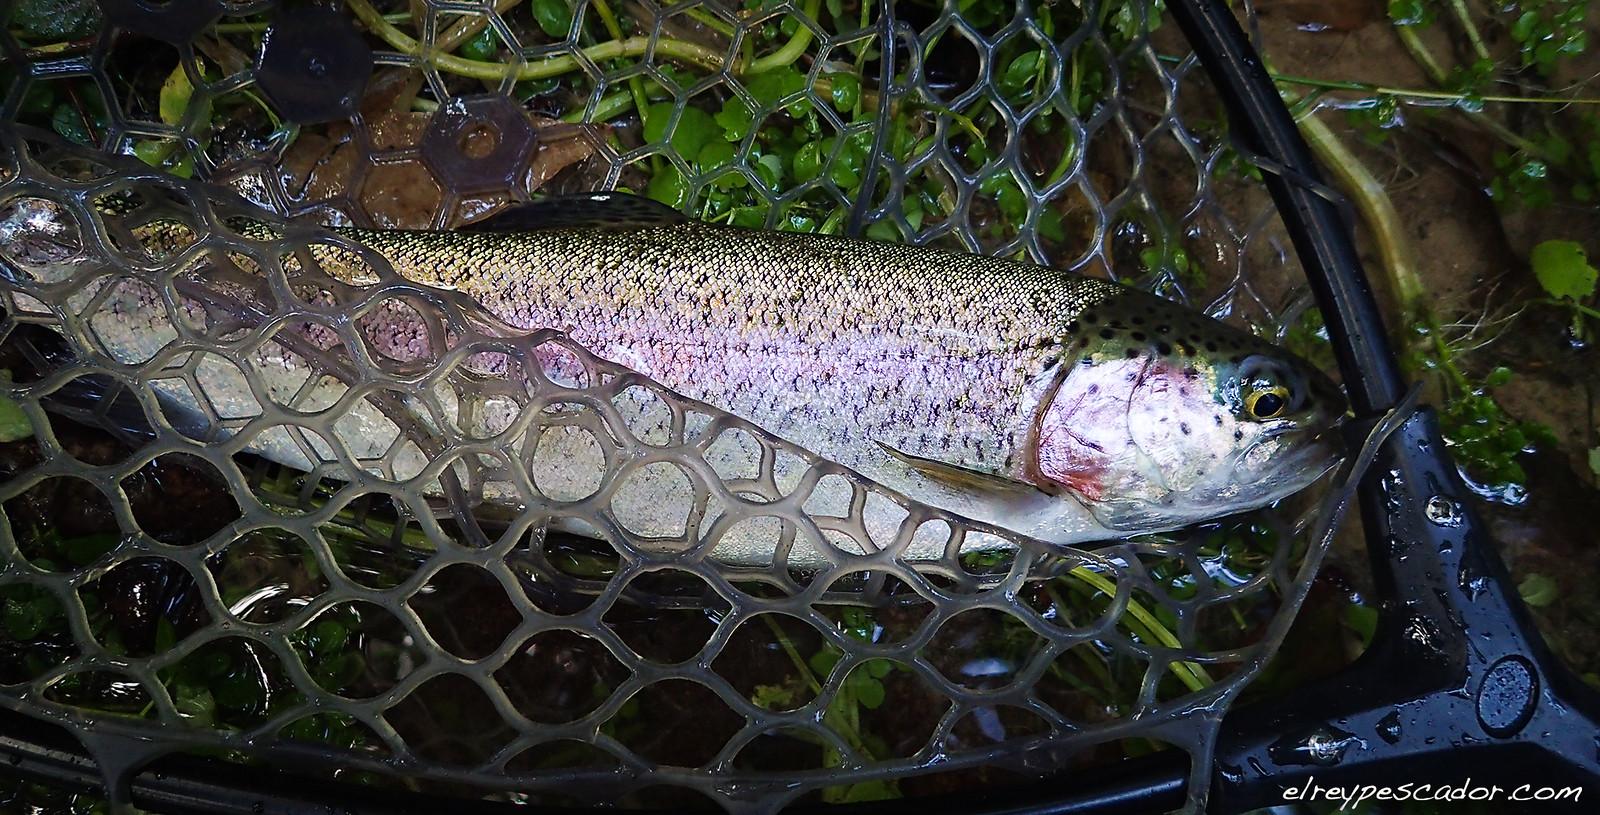 Flyfishing Tajuña River - Trucha aroiris